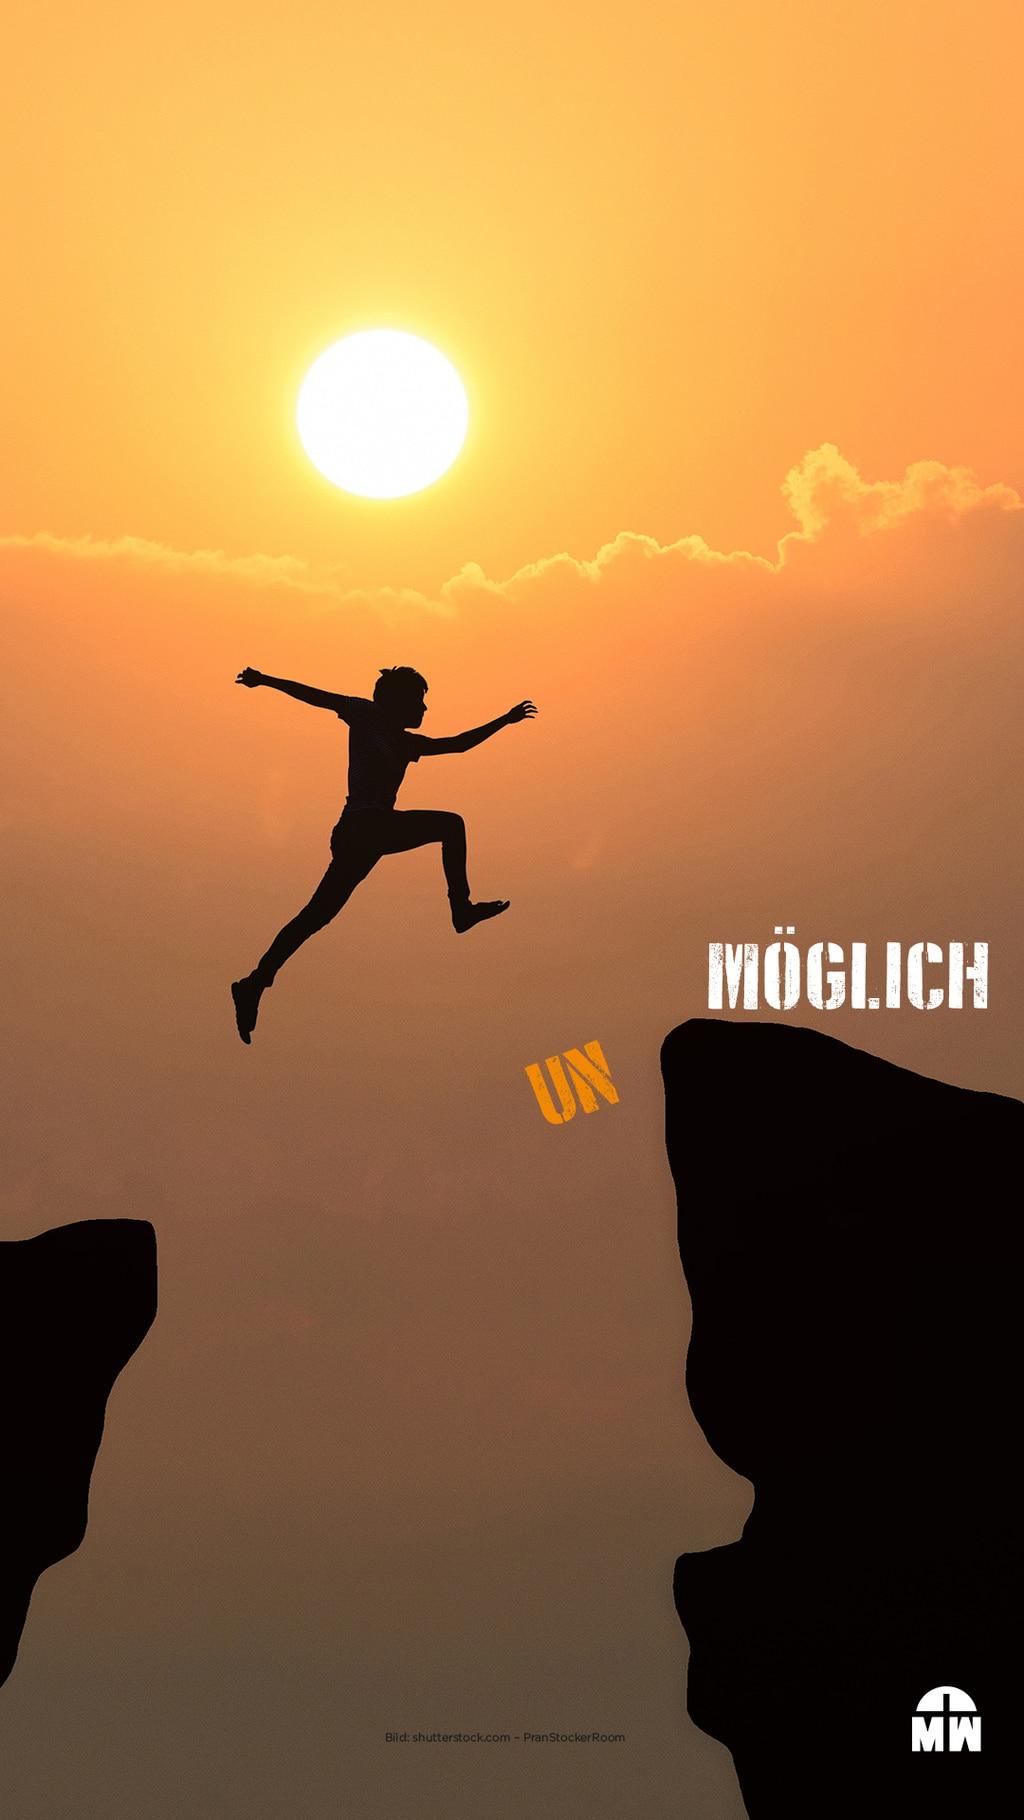 (UN)MÖGLICH - als Hintergrundbild für Desktop und Handy